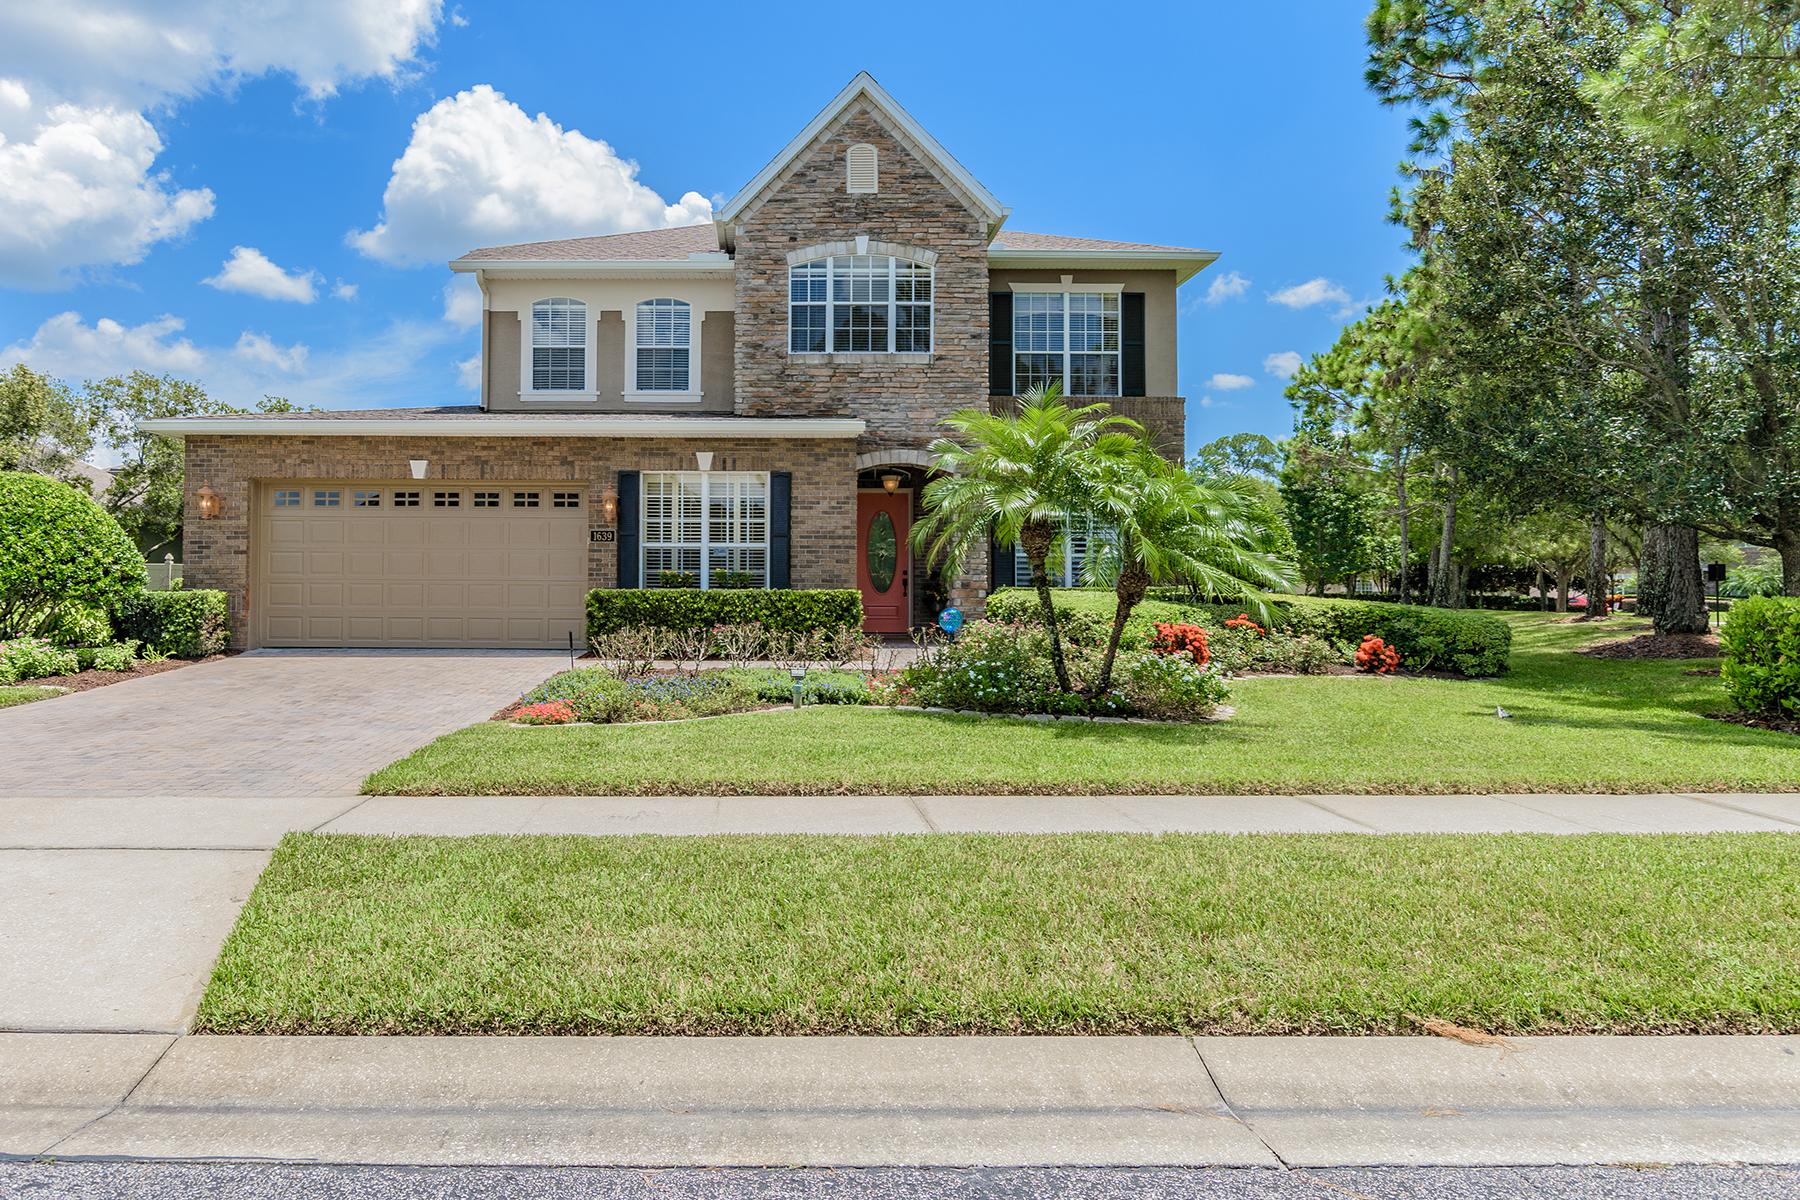 Maison unifamiliale pour l Vente à Orlando-Sanford 1639 Astor Farms Pl Sanford, Florida 32771 États-Unis